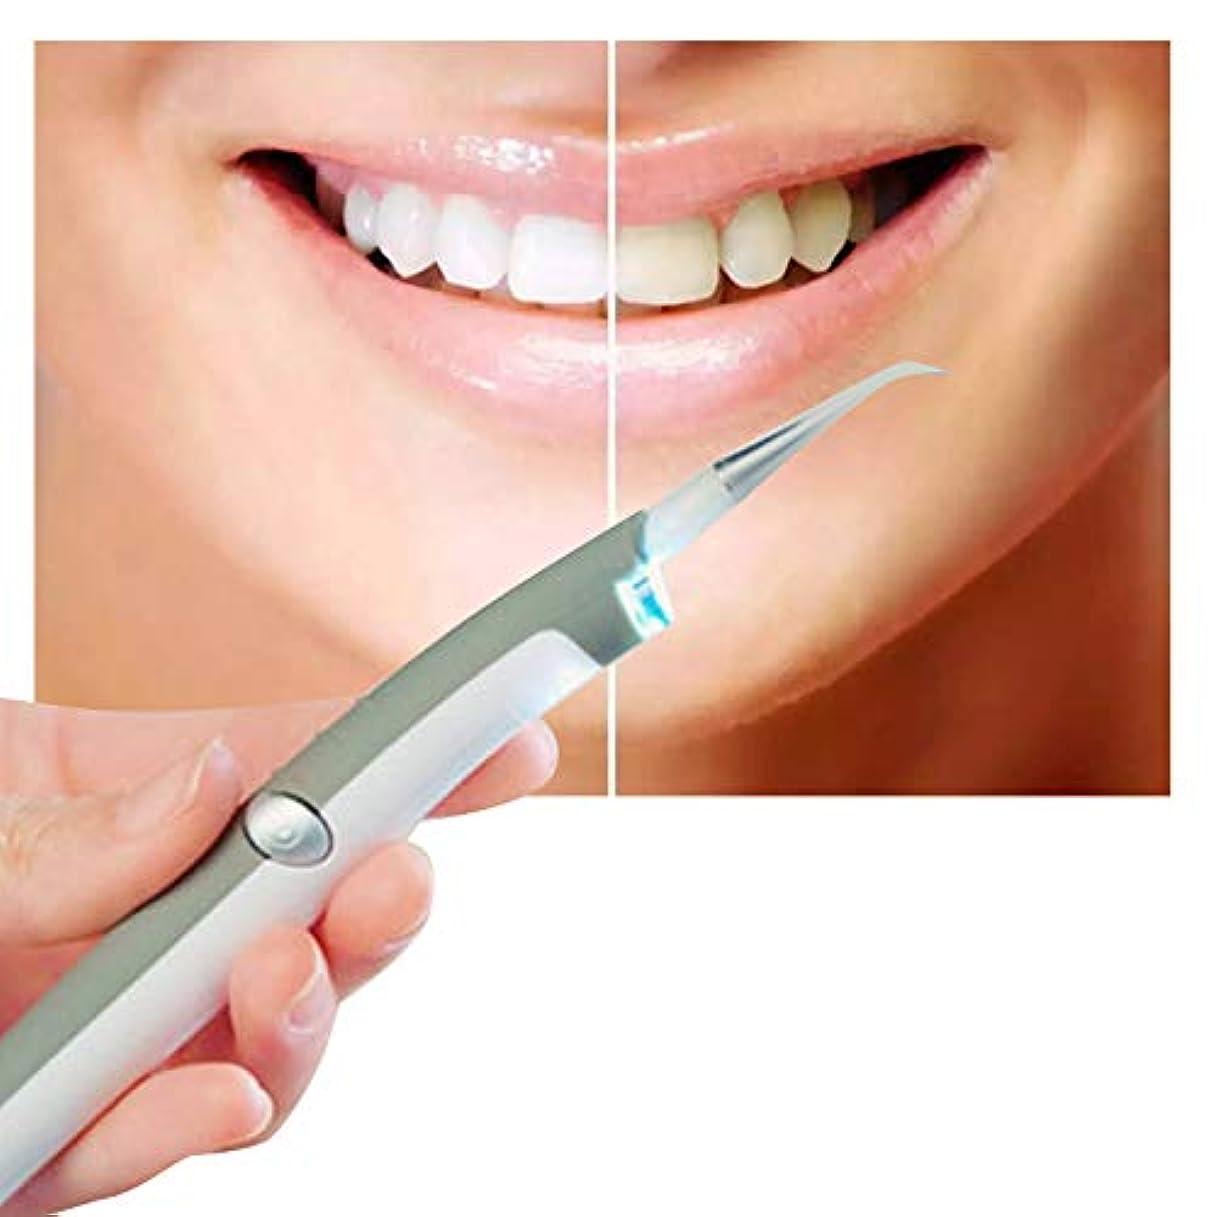 驚勝利した熟達ixaer LED歯科用ツールキット ソニック 音波振動 歯科用ポリッシャー 歯間クリーナー ステインバスター 歯垢や歯石などを予防 歯の汚れ消しゴム オーラルケア クリーニングツール